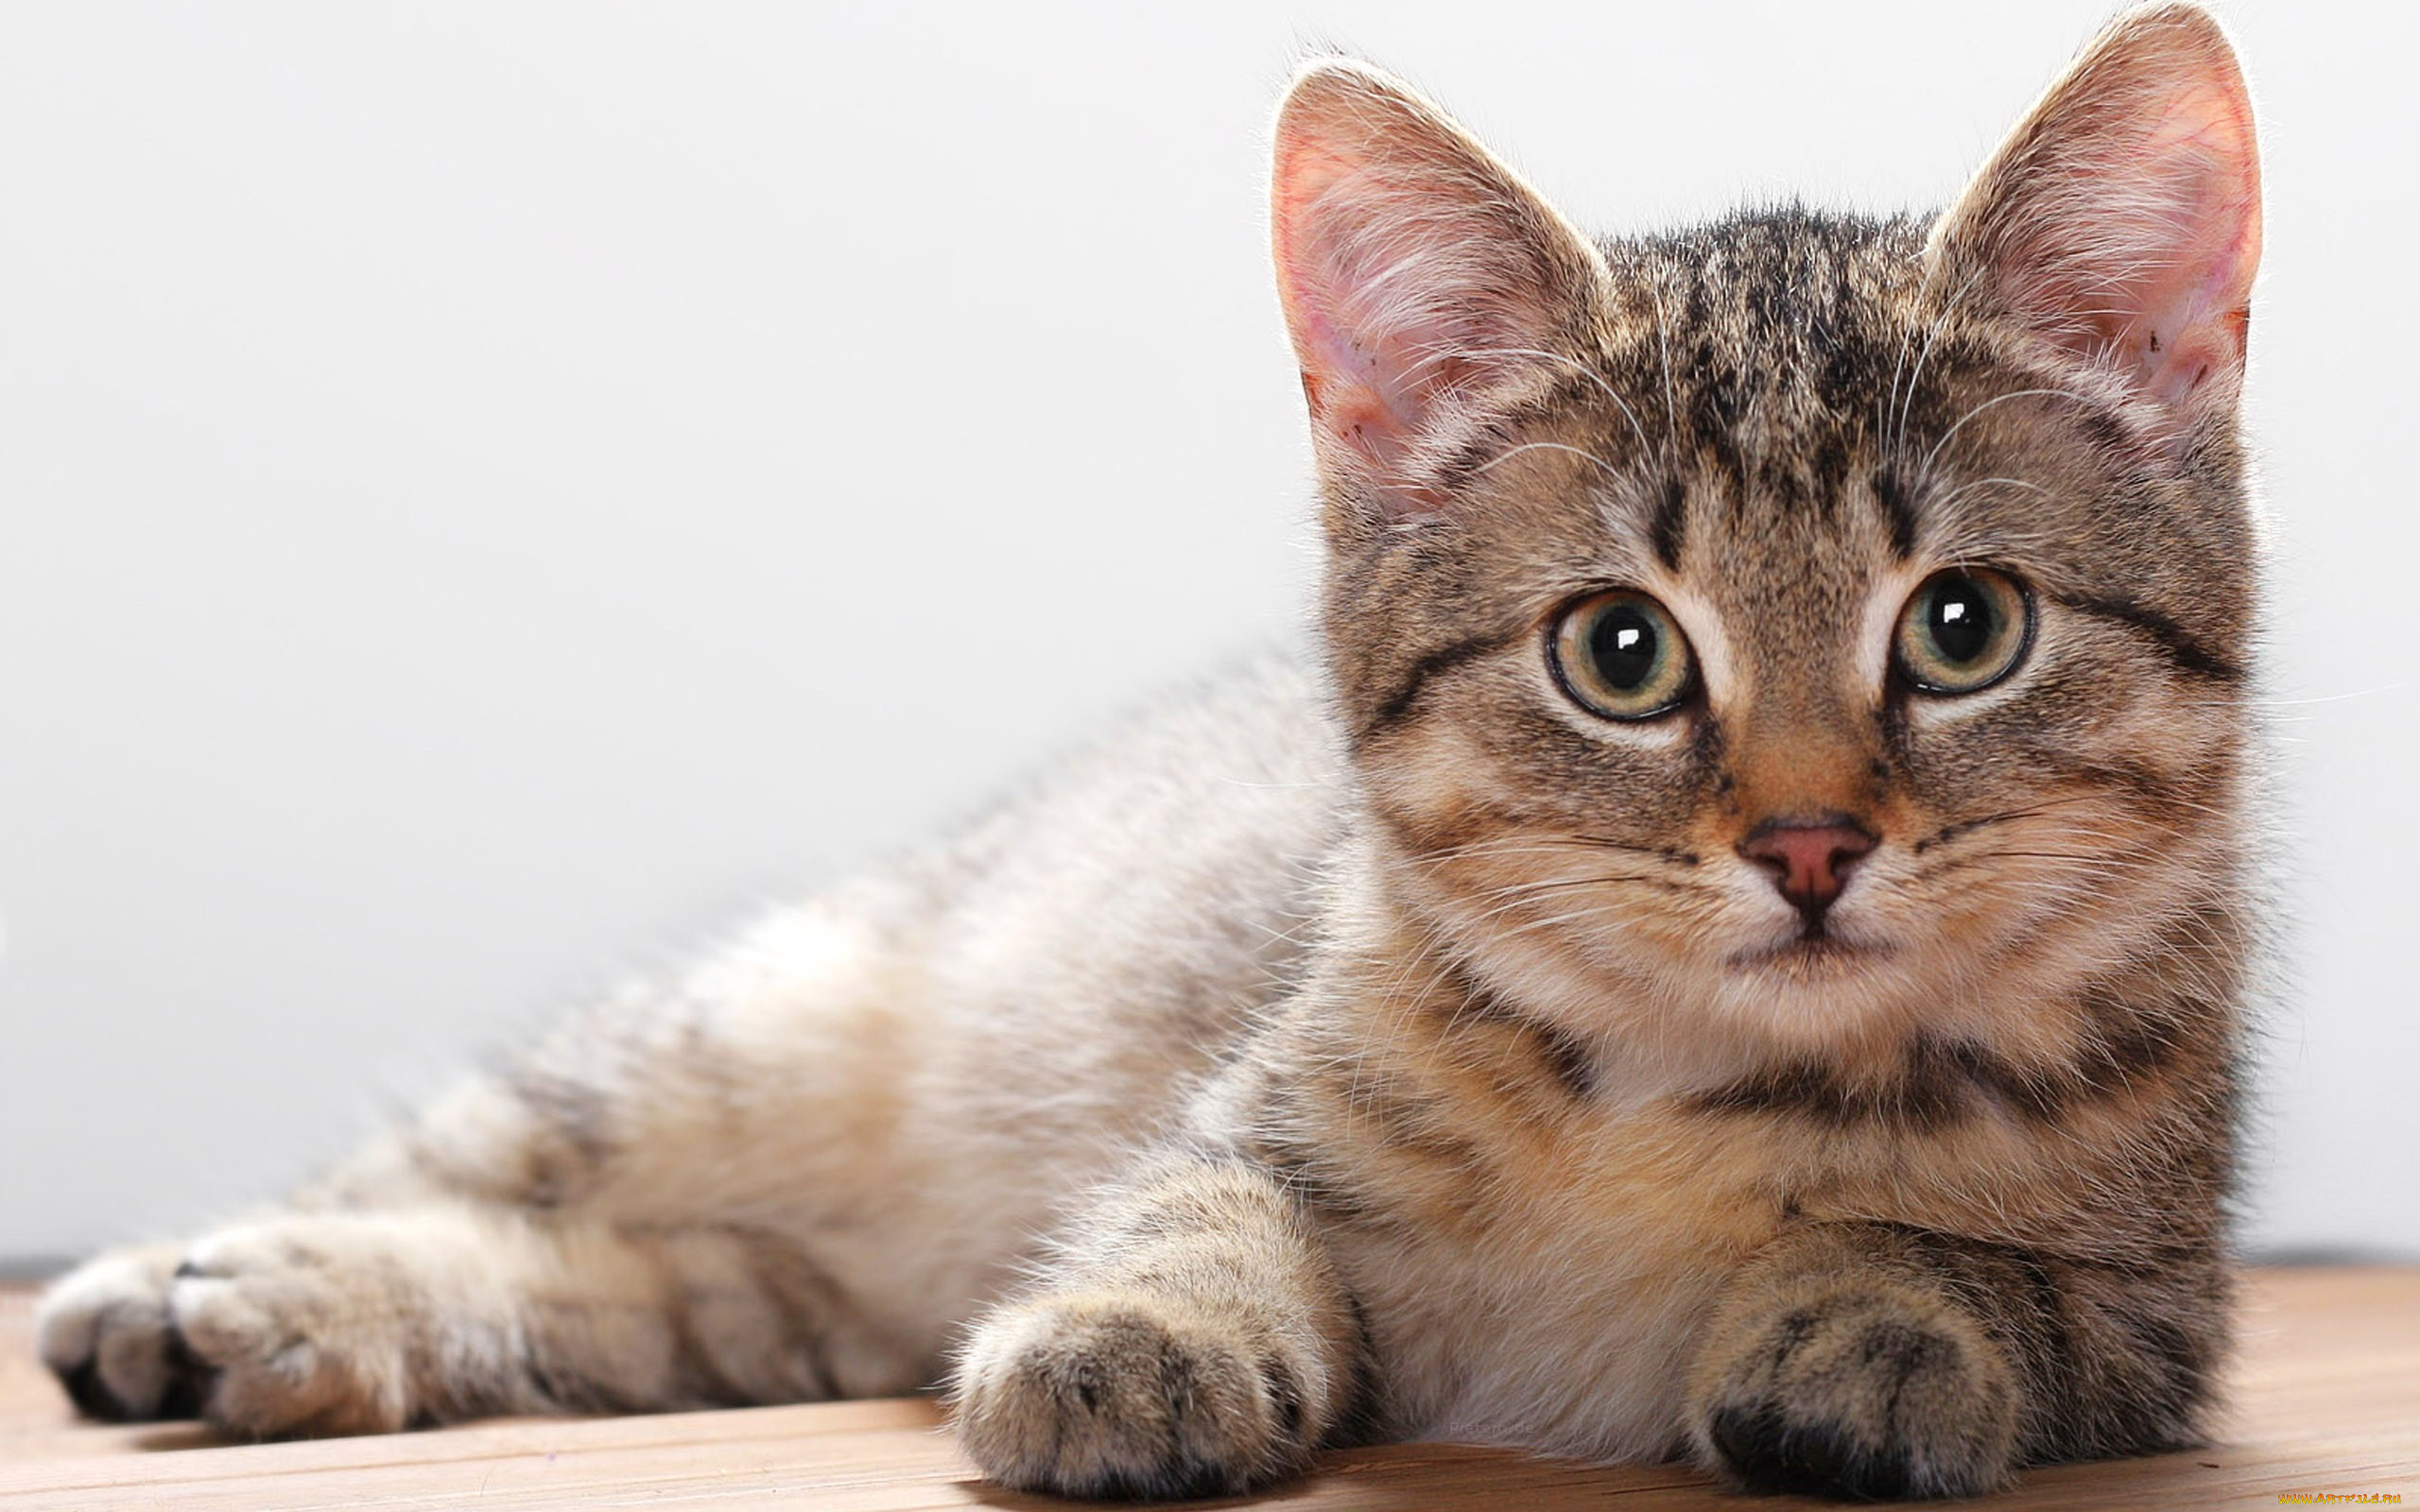 фото кошек с картинками сирени многоствольные листопадные